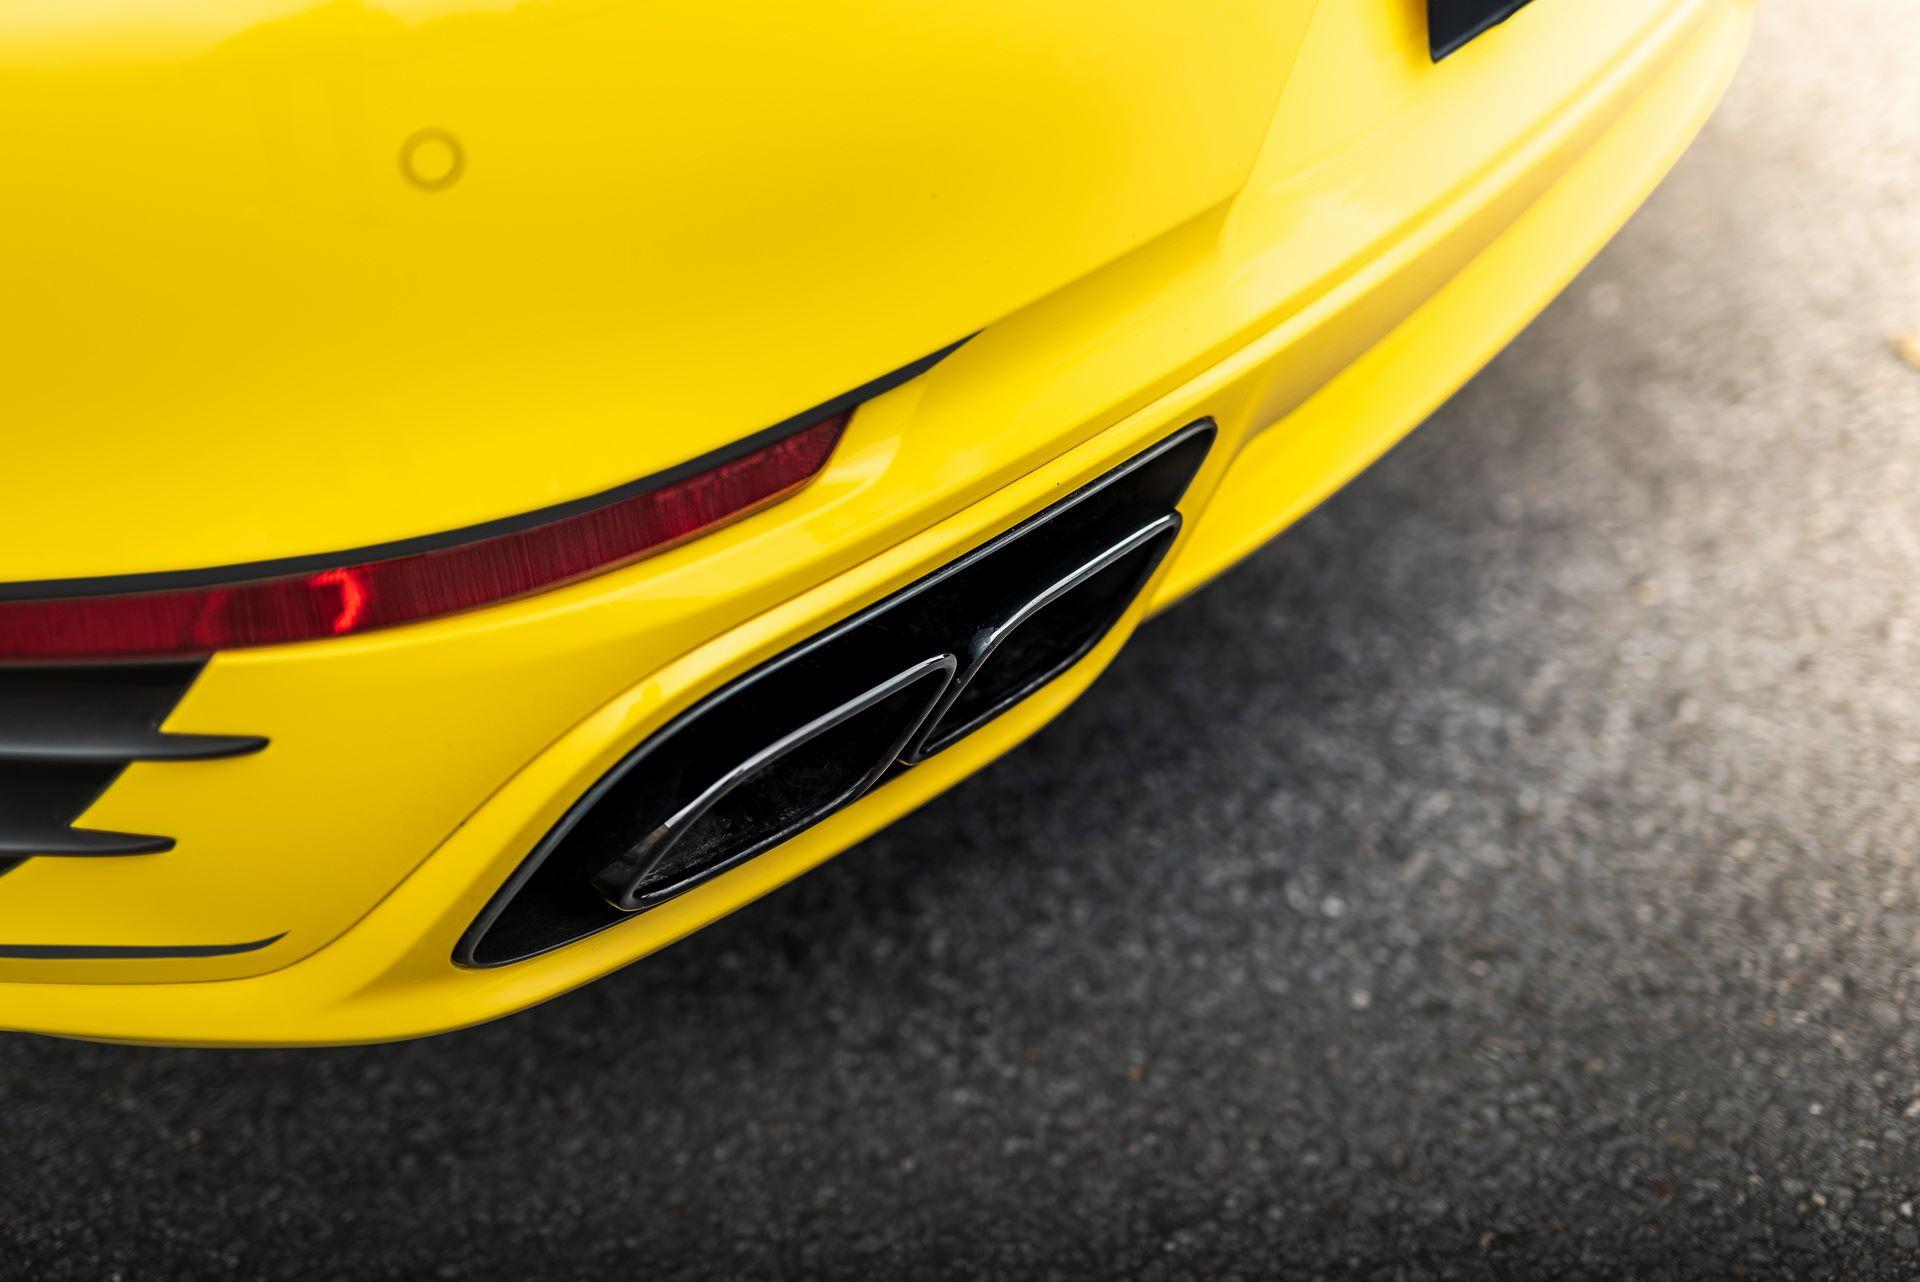 Porsche-911-Turbo-S-by-Manhart-10